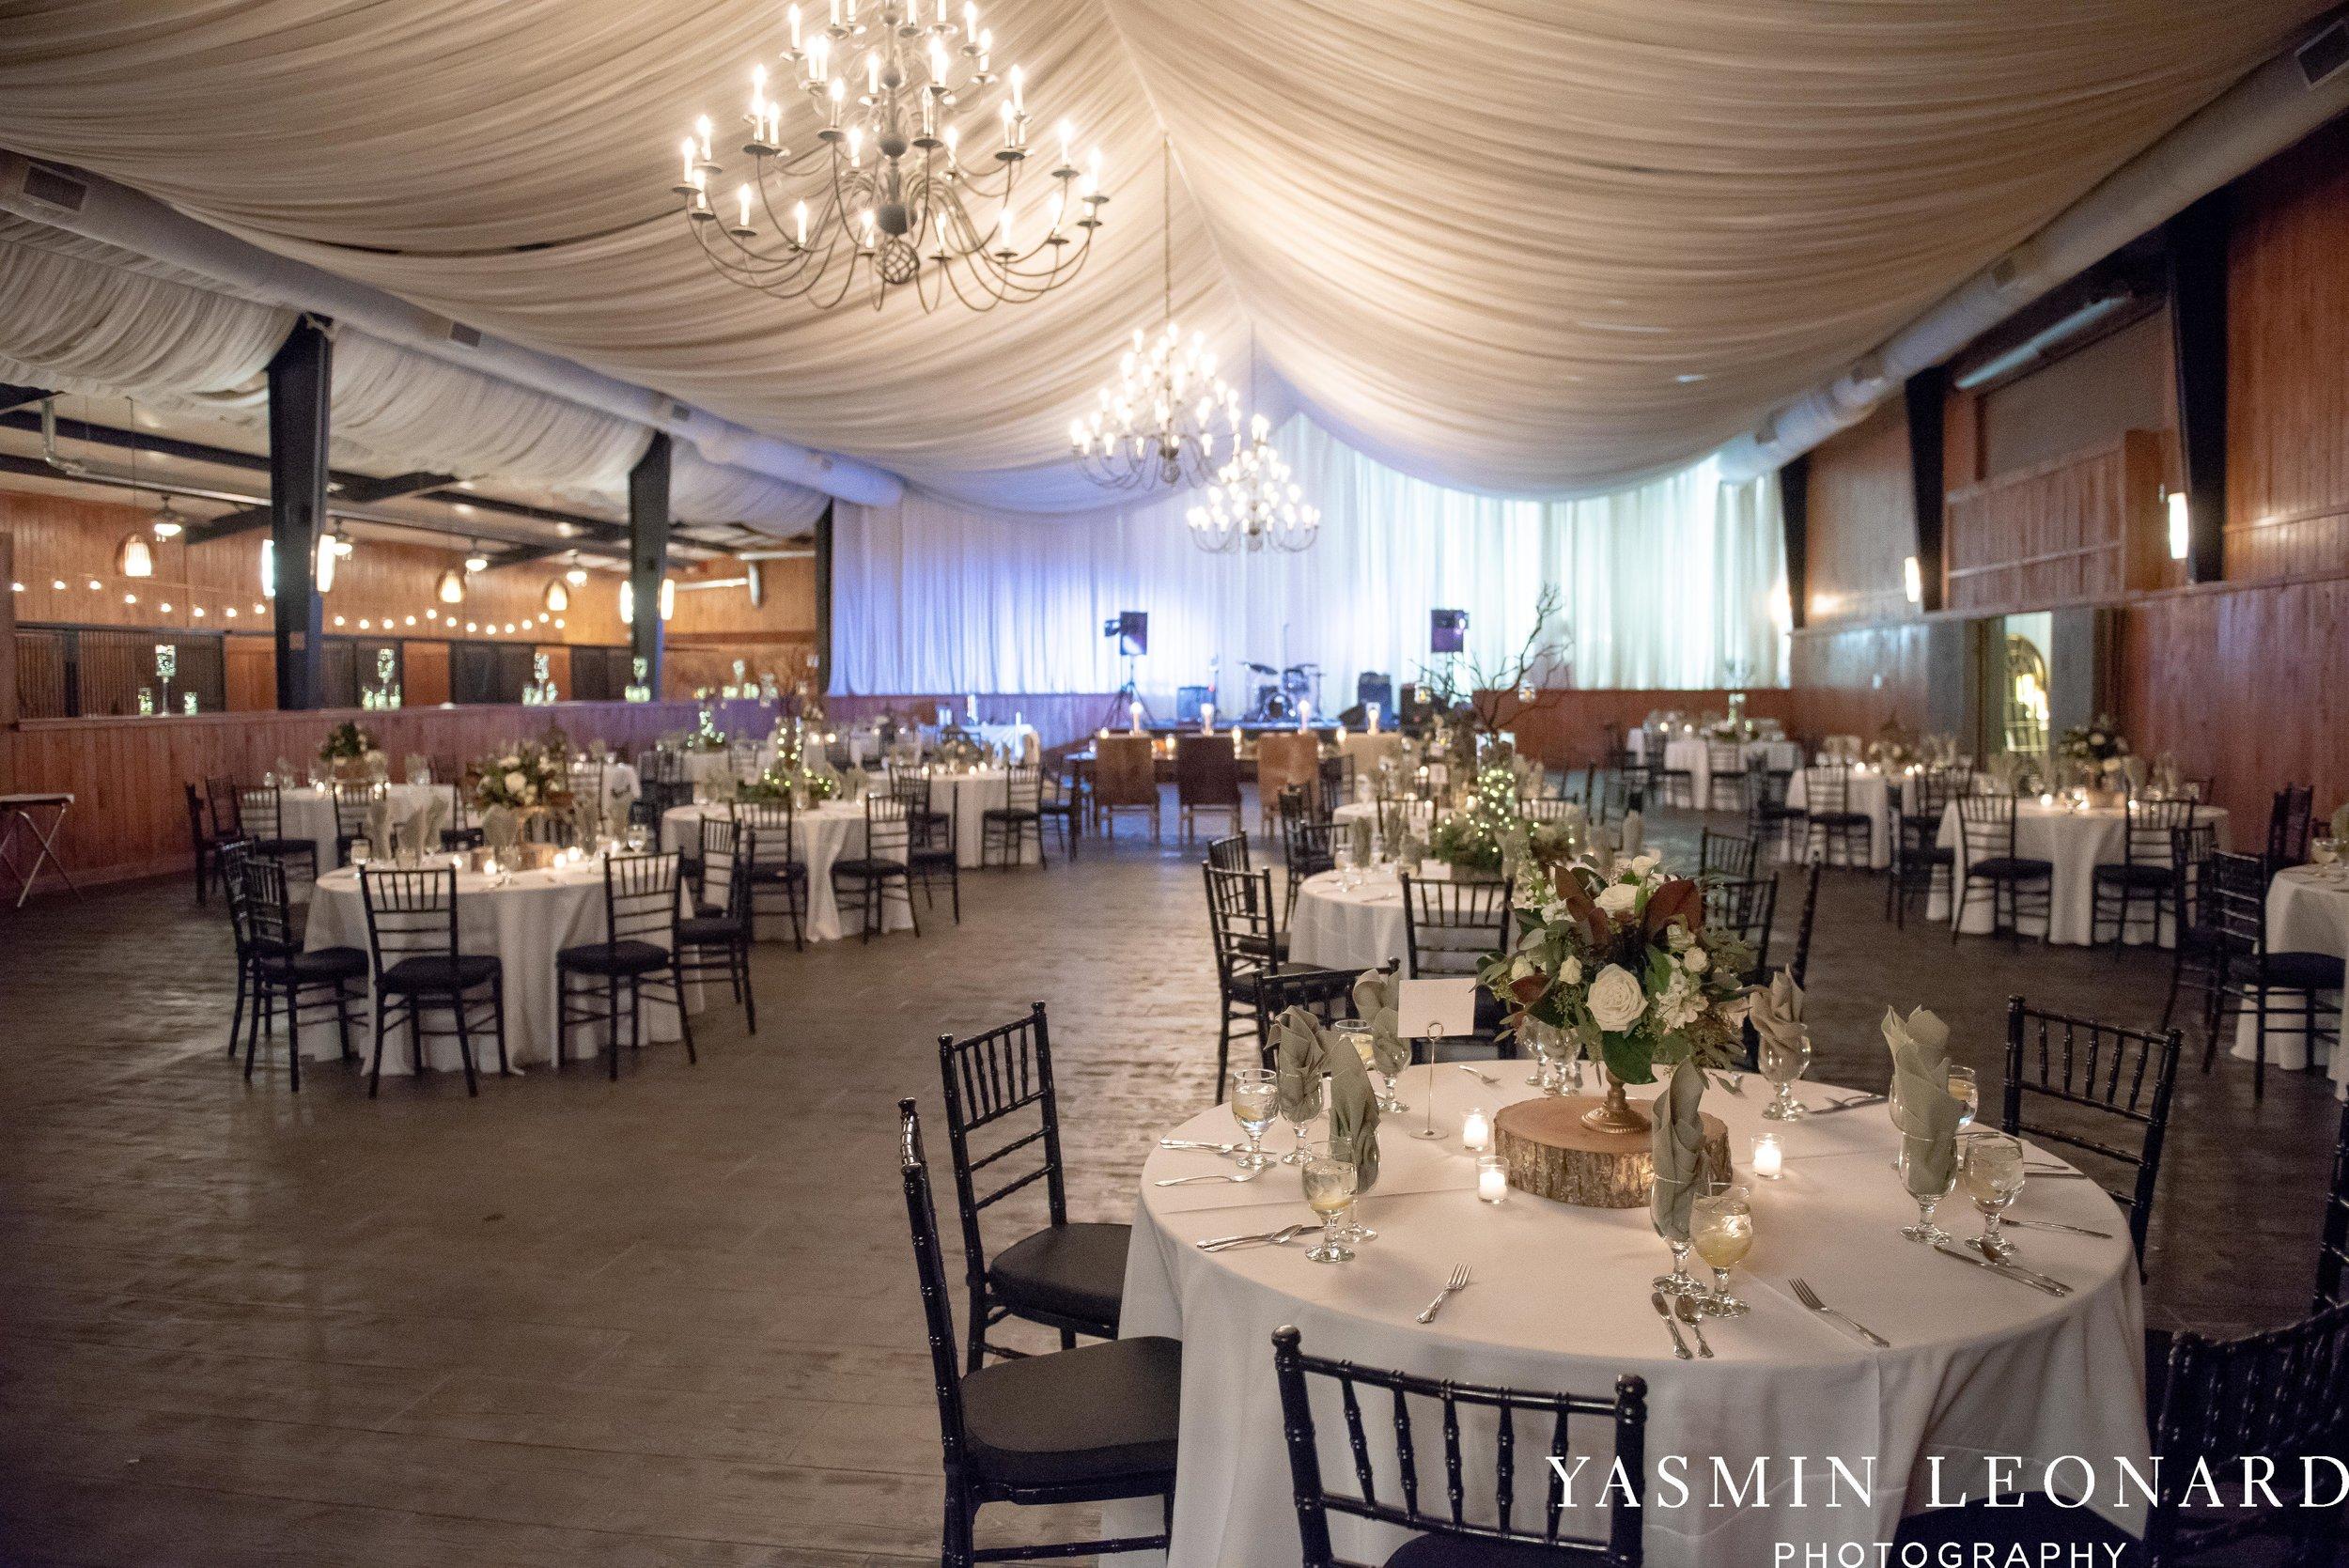 Adaumont Farm - Wesley Memorial Weddings - High Point Weddings - Just Priceless - NC Wedding Photographer - Yasmin Leonard Photography - High Point Wedding Vendors-53.jpg